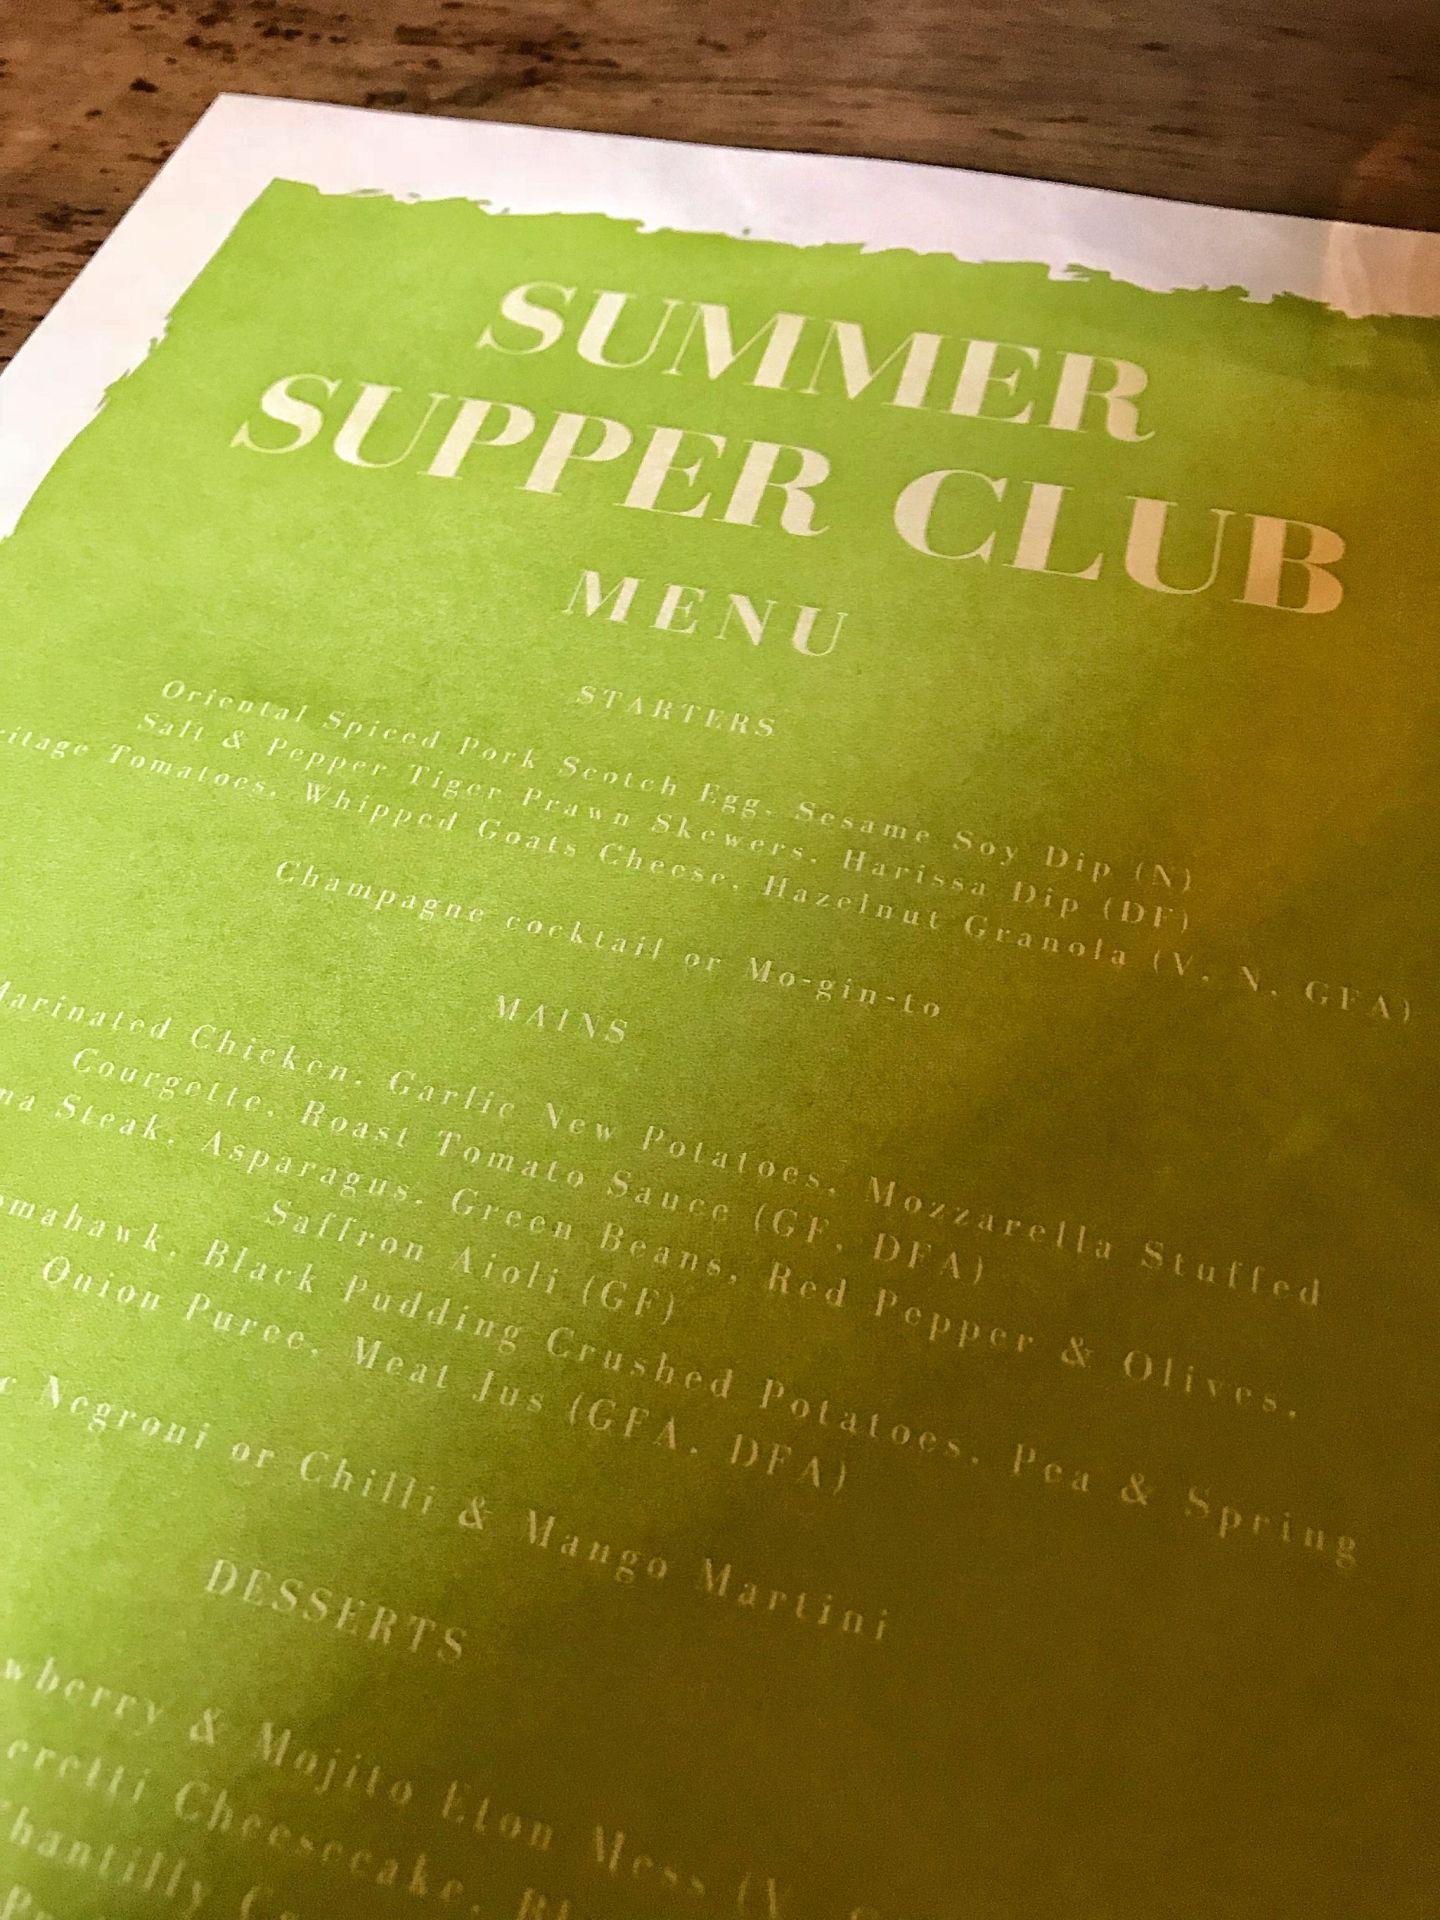 185 Watling Street Summer Supper Club Menu